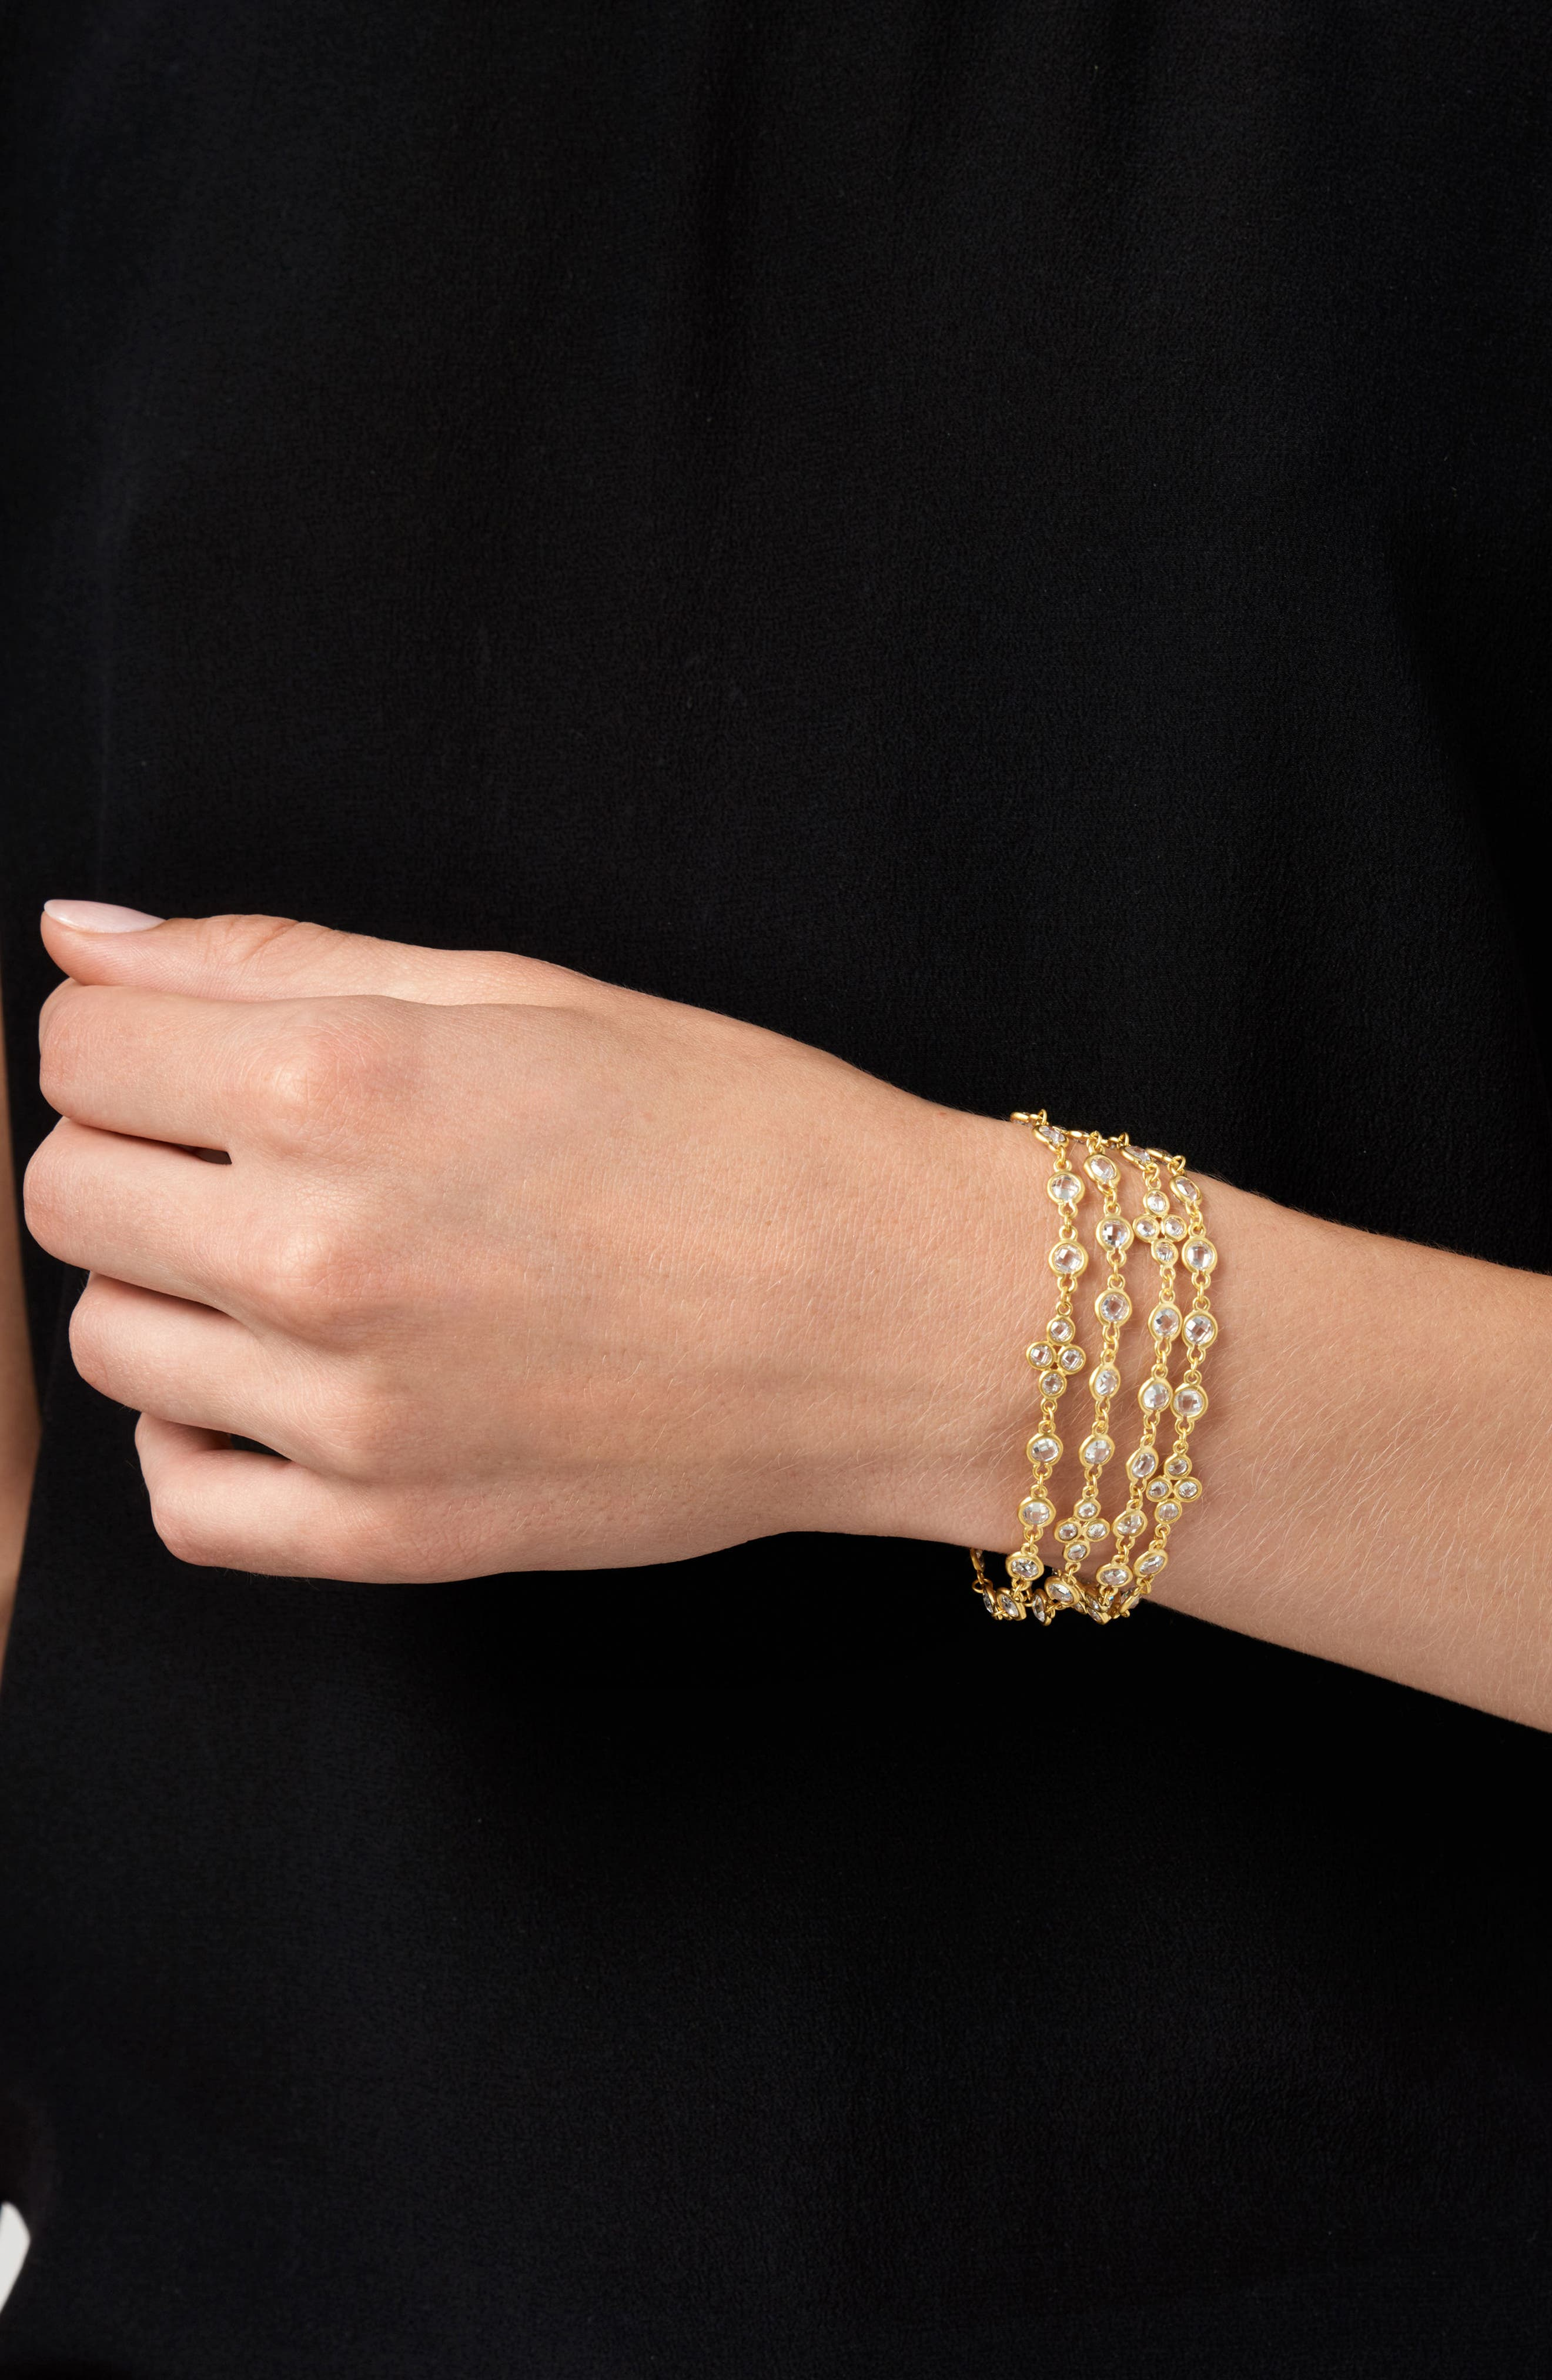 Audrey Radiance Four-Chain Bracelet,                             Alternate thumbnail 4, color,                             Gold/ Clear